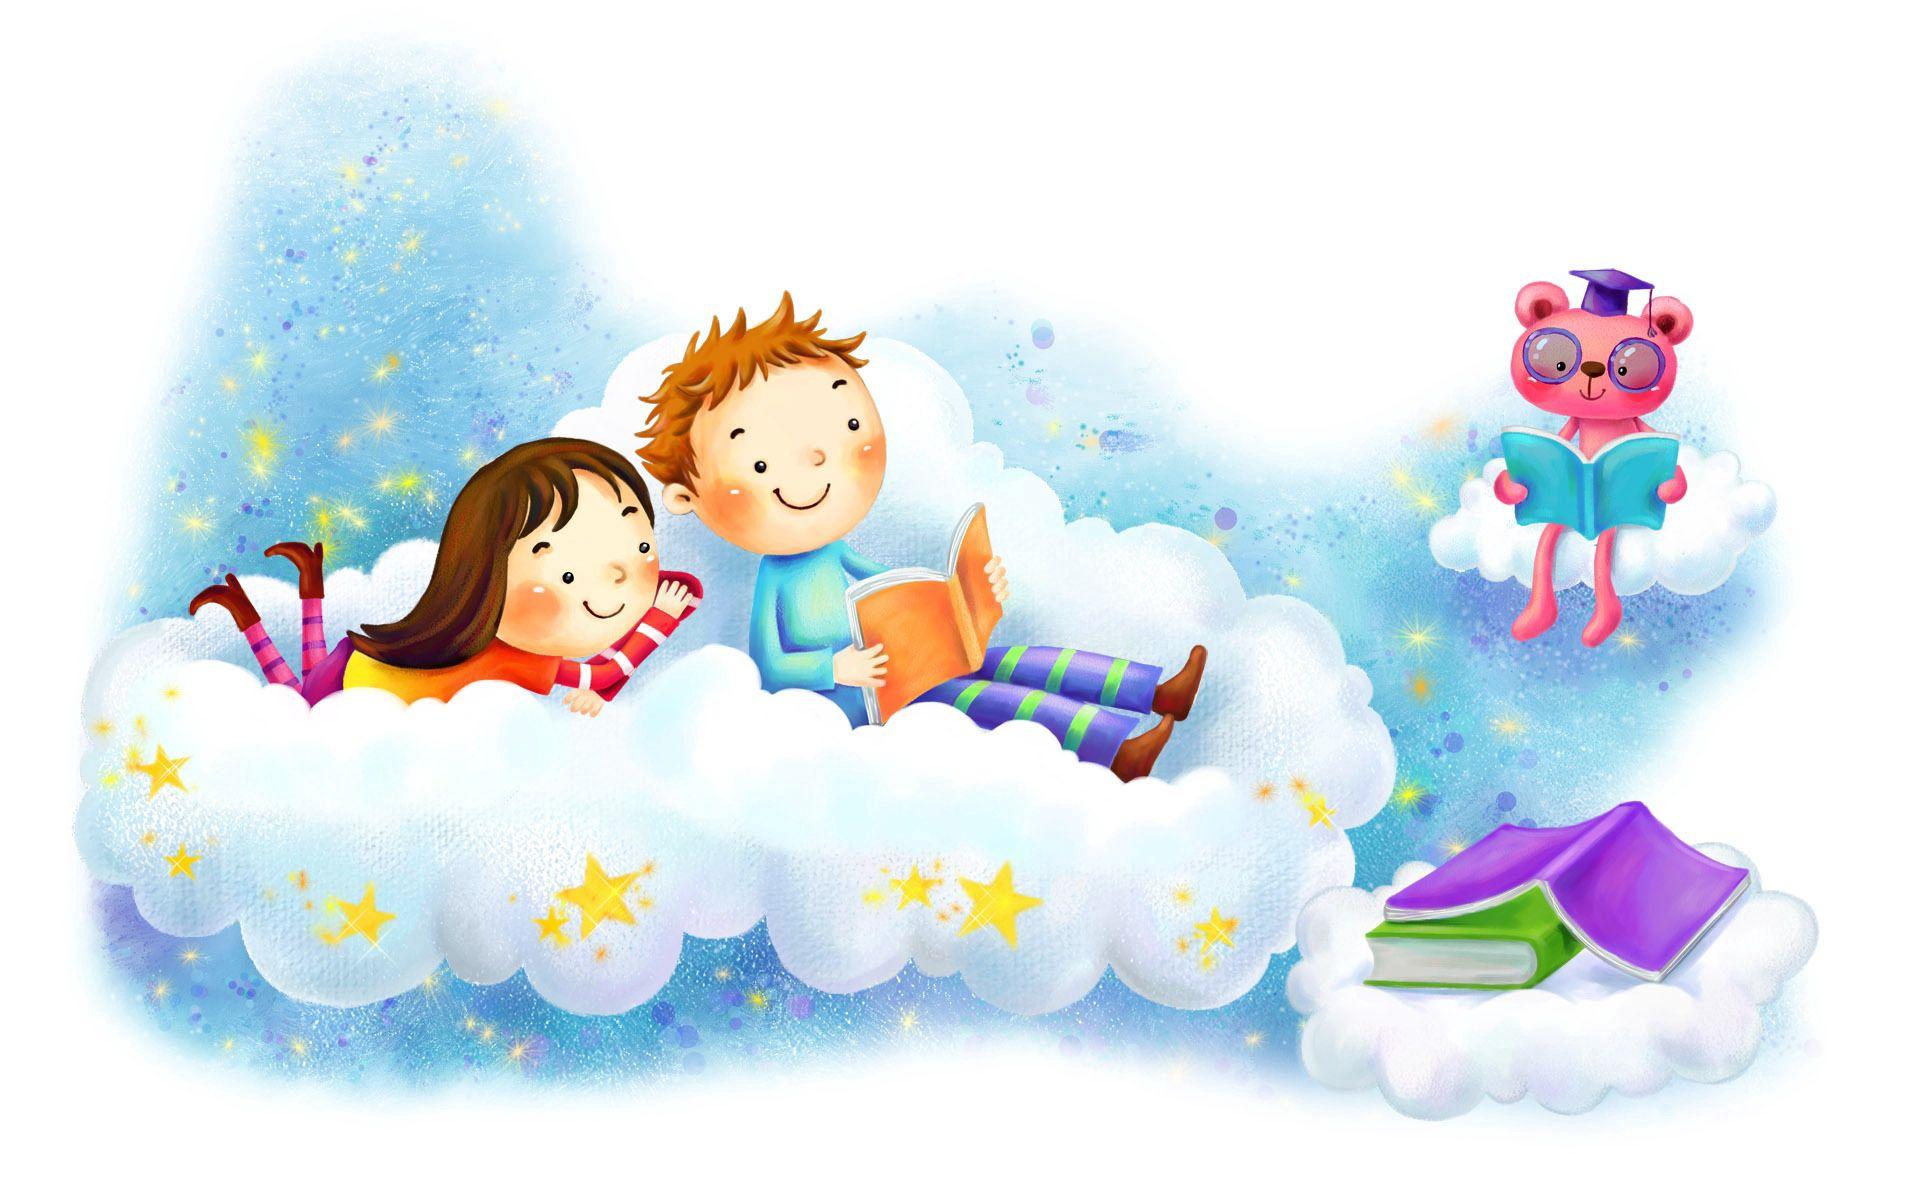 72735 скачать обои Любовь, Рисунок, Девочка, Мальчик, Облако, Фантазия, Книжки, Звёзды, Улыбки - заставки и картинки бесплатно